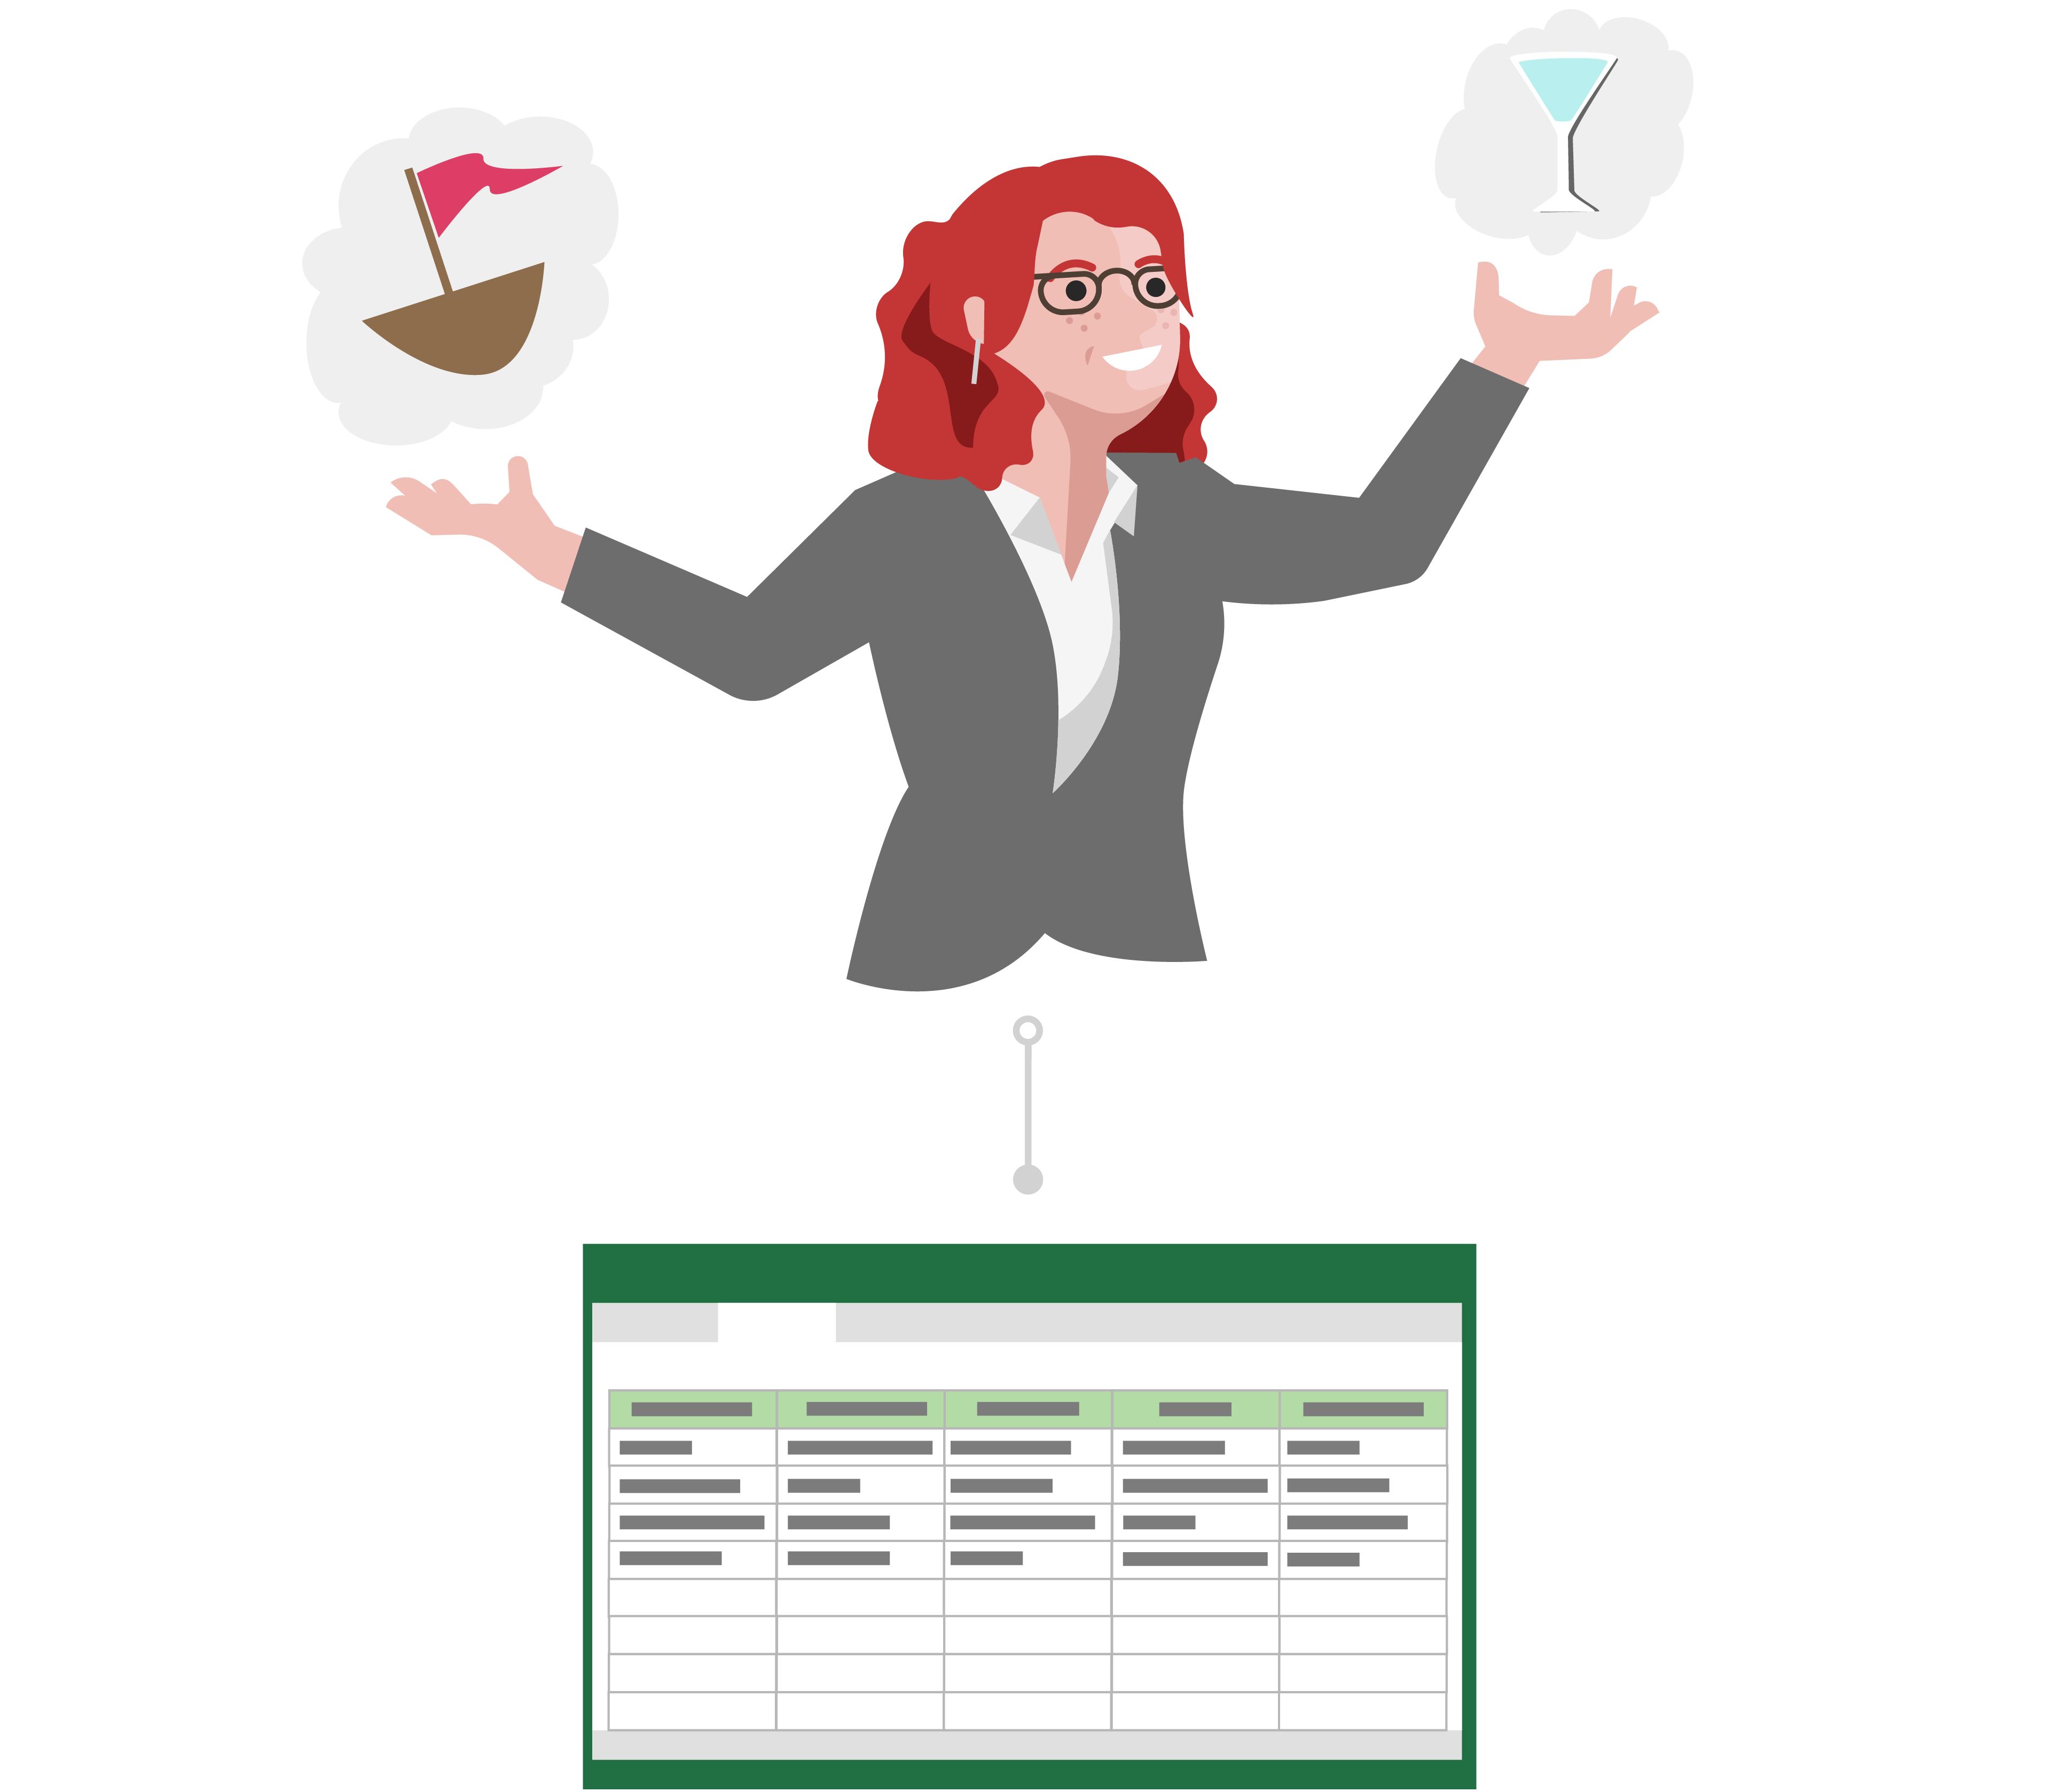 Linda потребує відгуків про свої ідеї, тому вона створює електронну таблицю та зберігає її в хмарі.